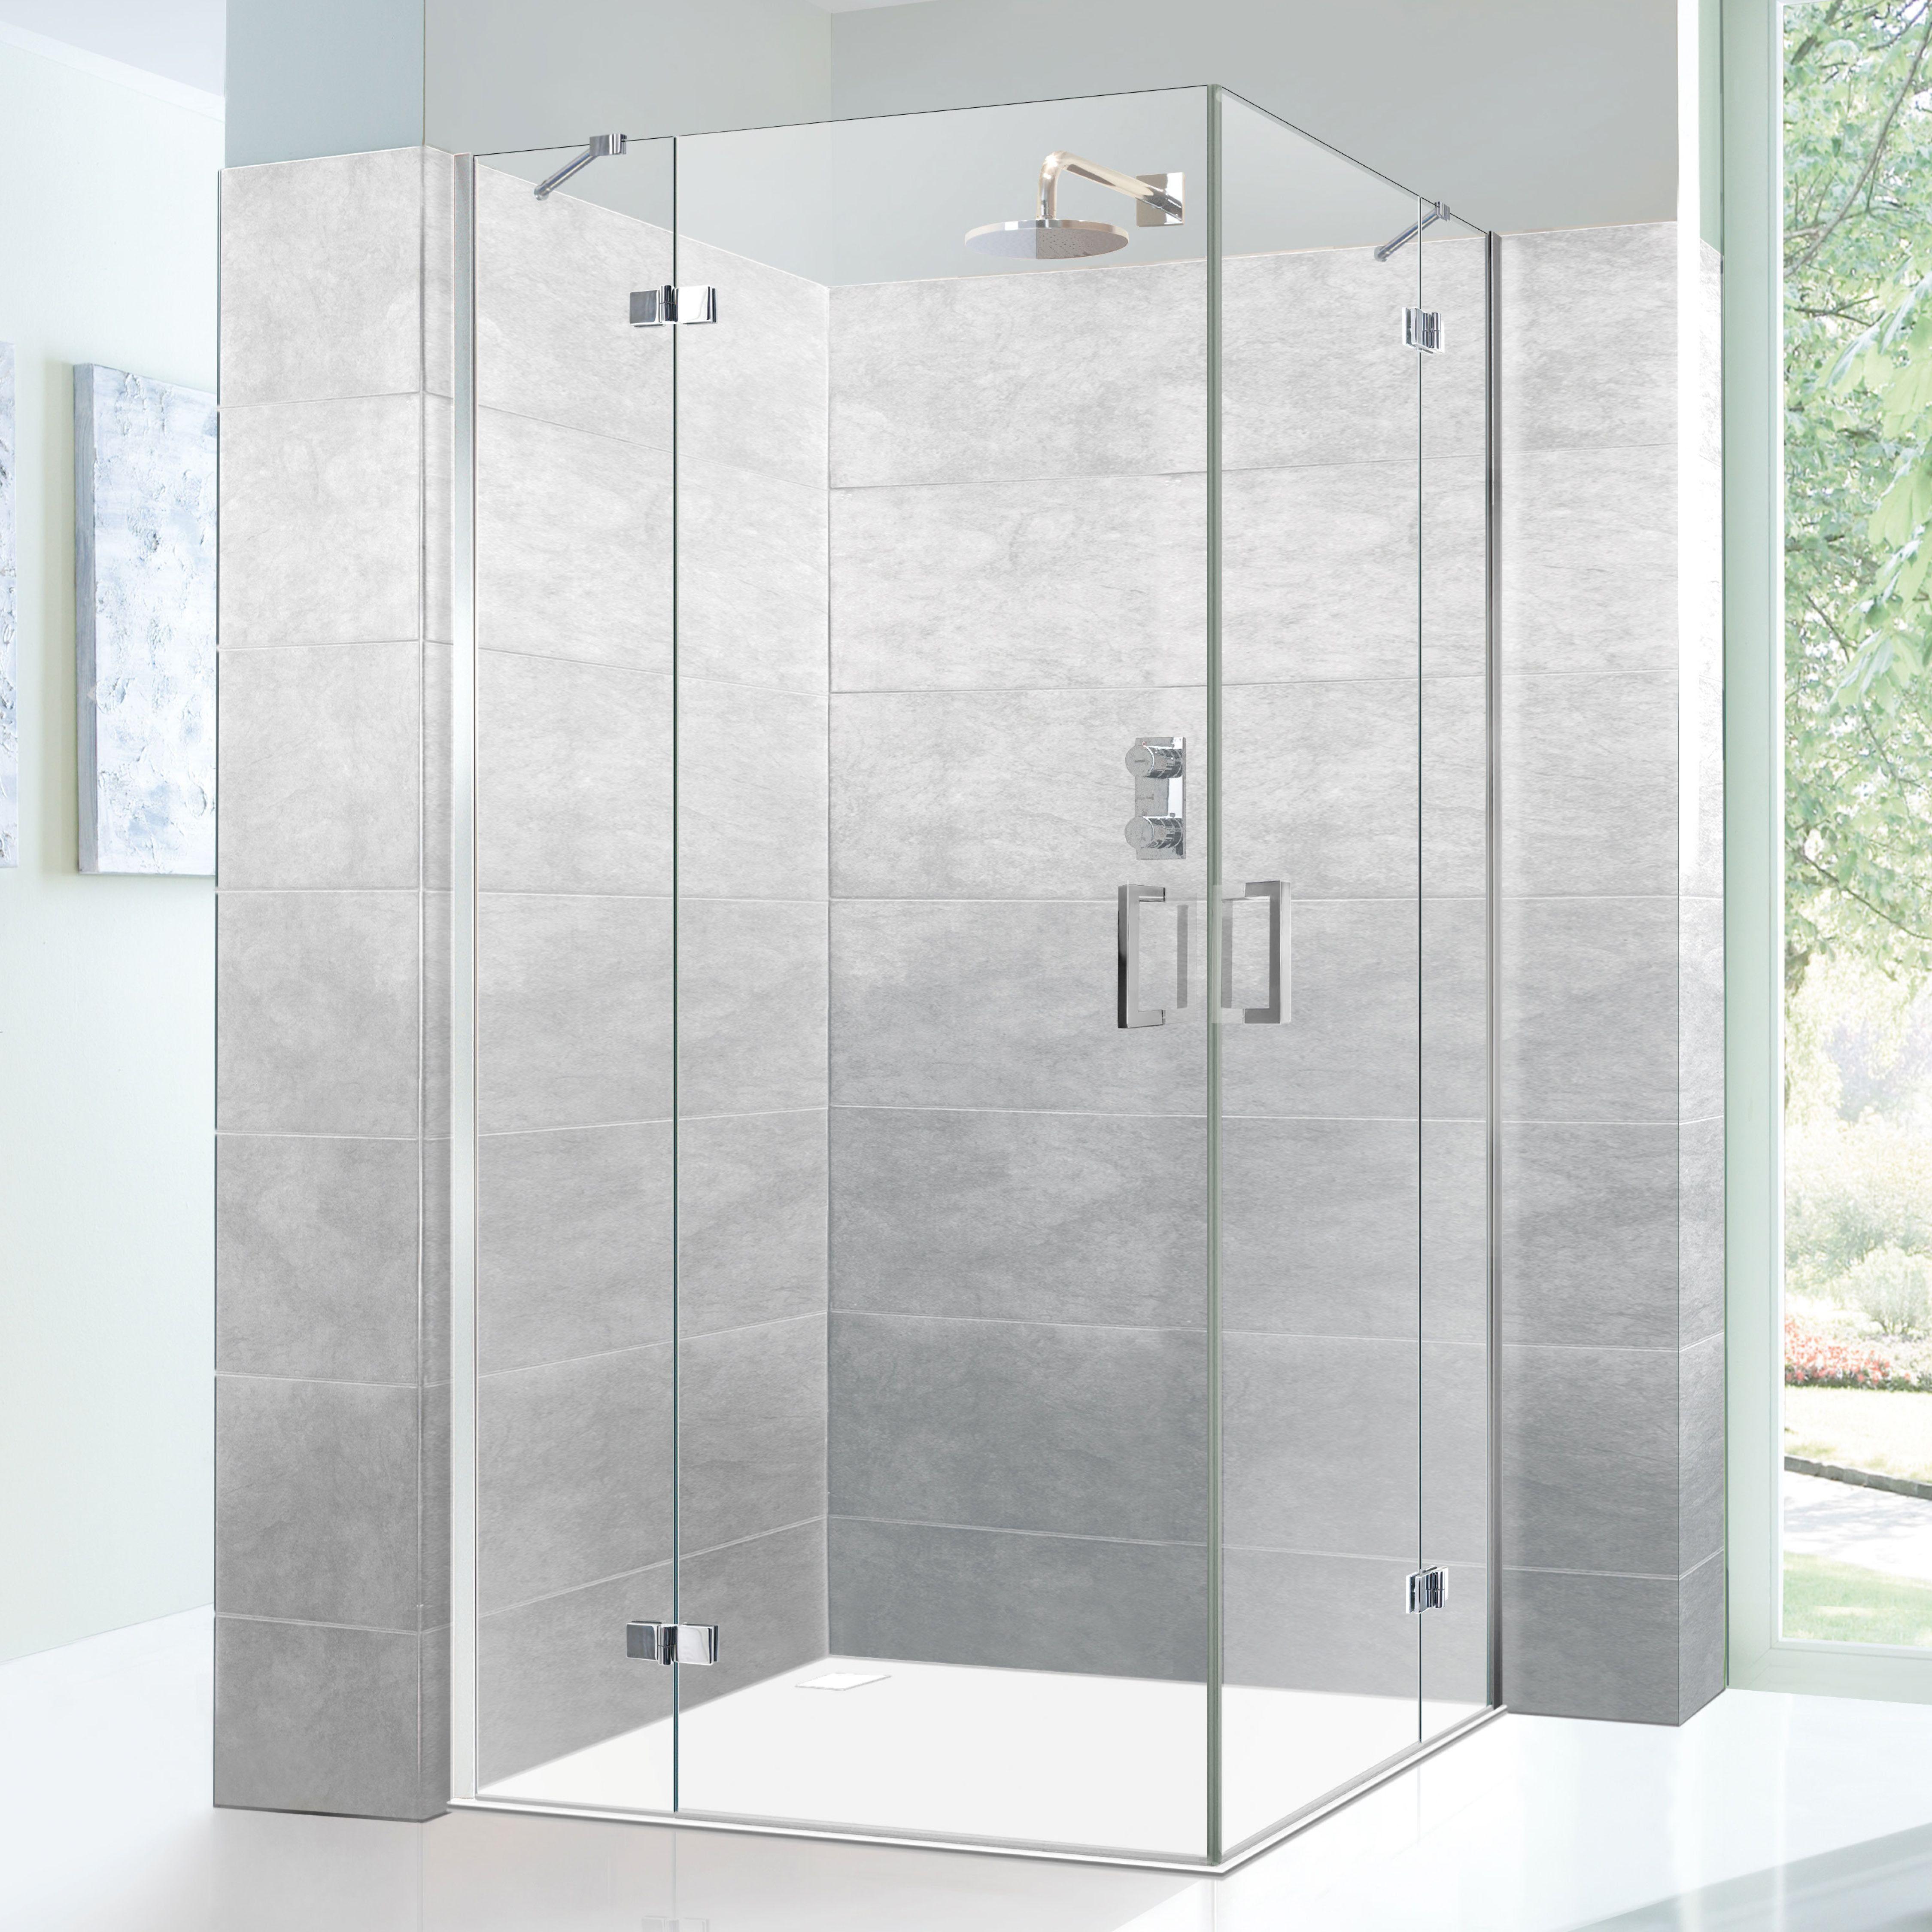 Edition Line Dusche Geradliniges Design Und Langlebige Qualitat Sie Eignet Sich Besonders Als Bodenebene Dusche Beim O In 2020 Duschwand Duschwand Glas Glasduschen